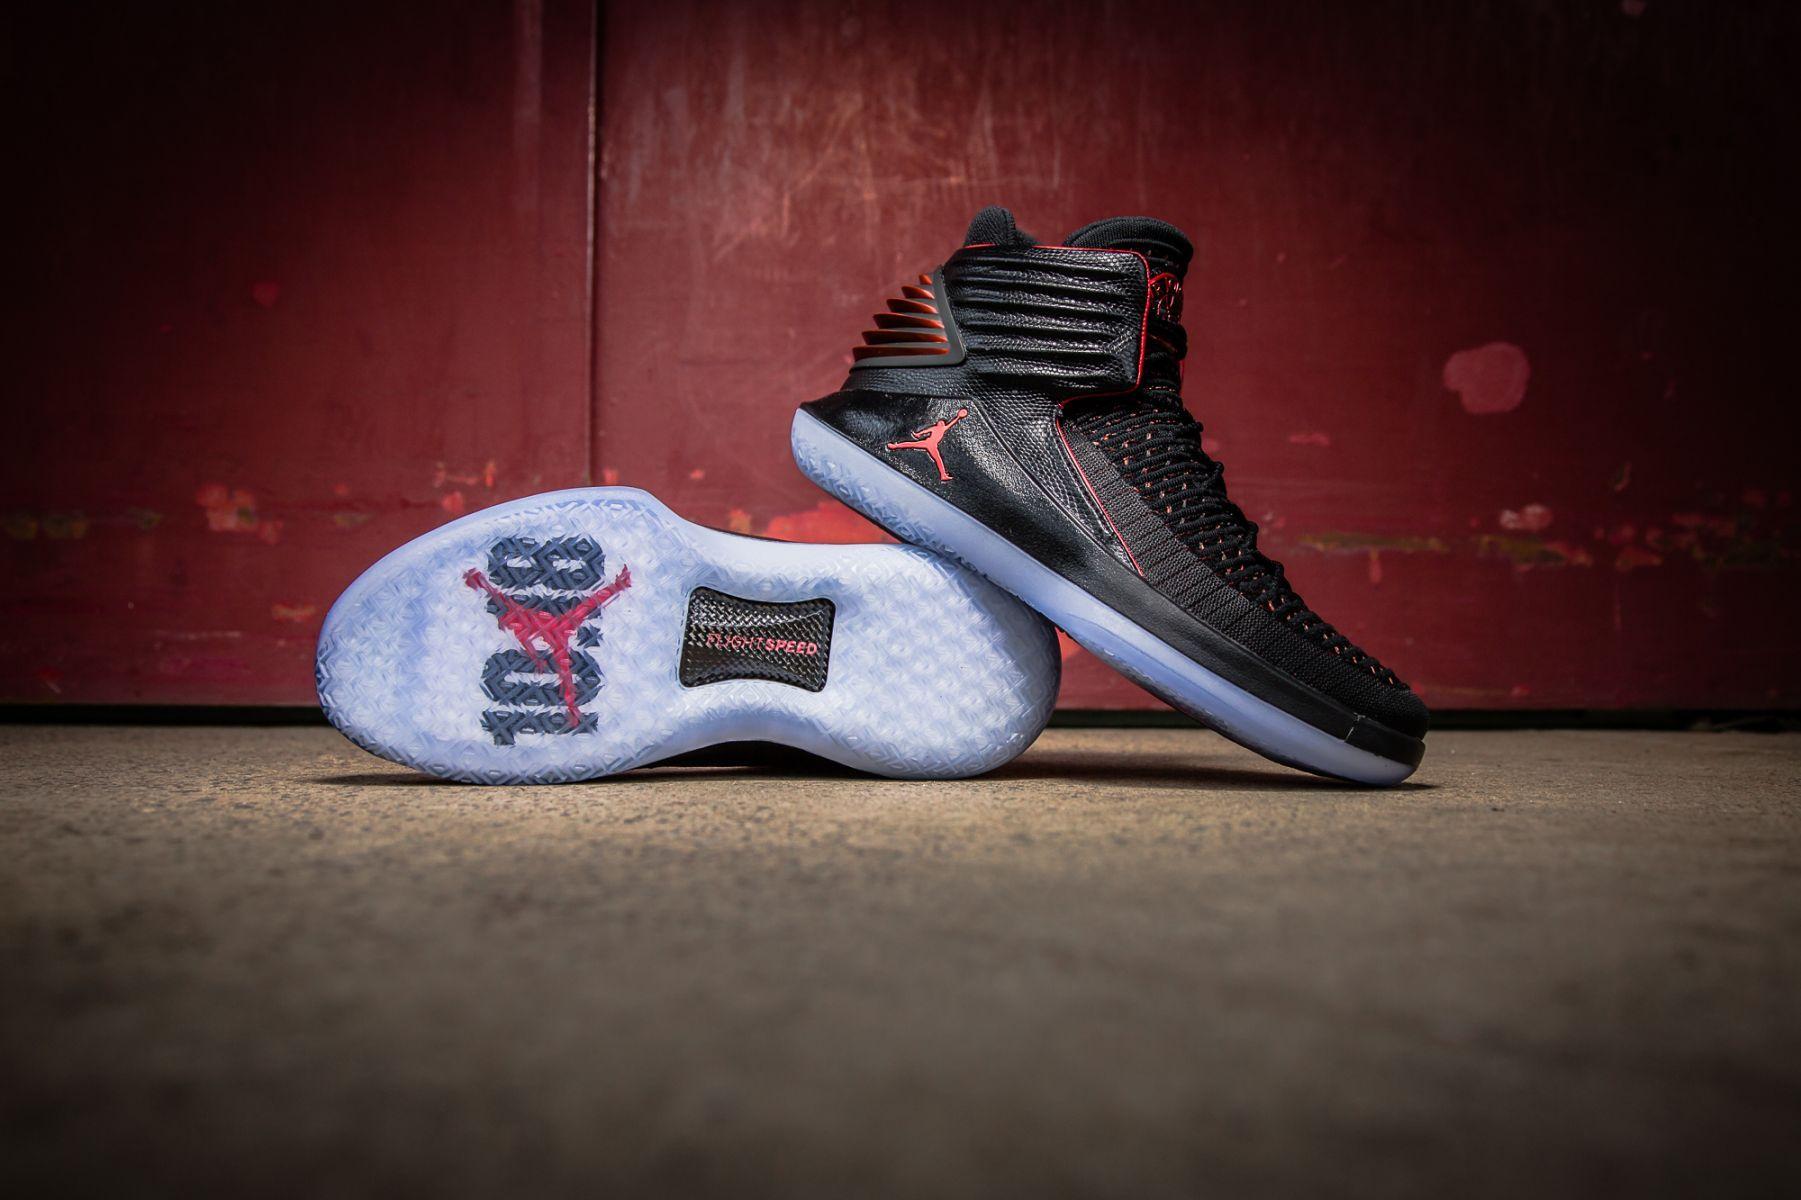 81a55e8cfe Nike Air Jordan XXXII Bred - AA1253-001